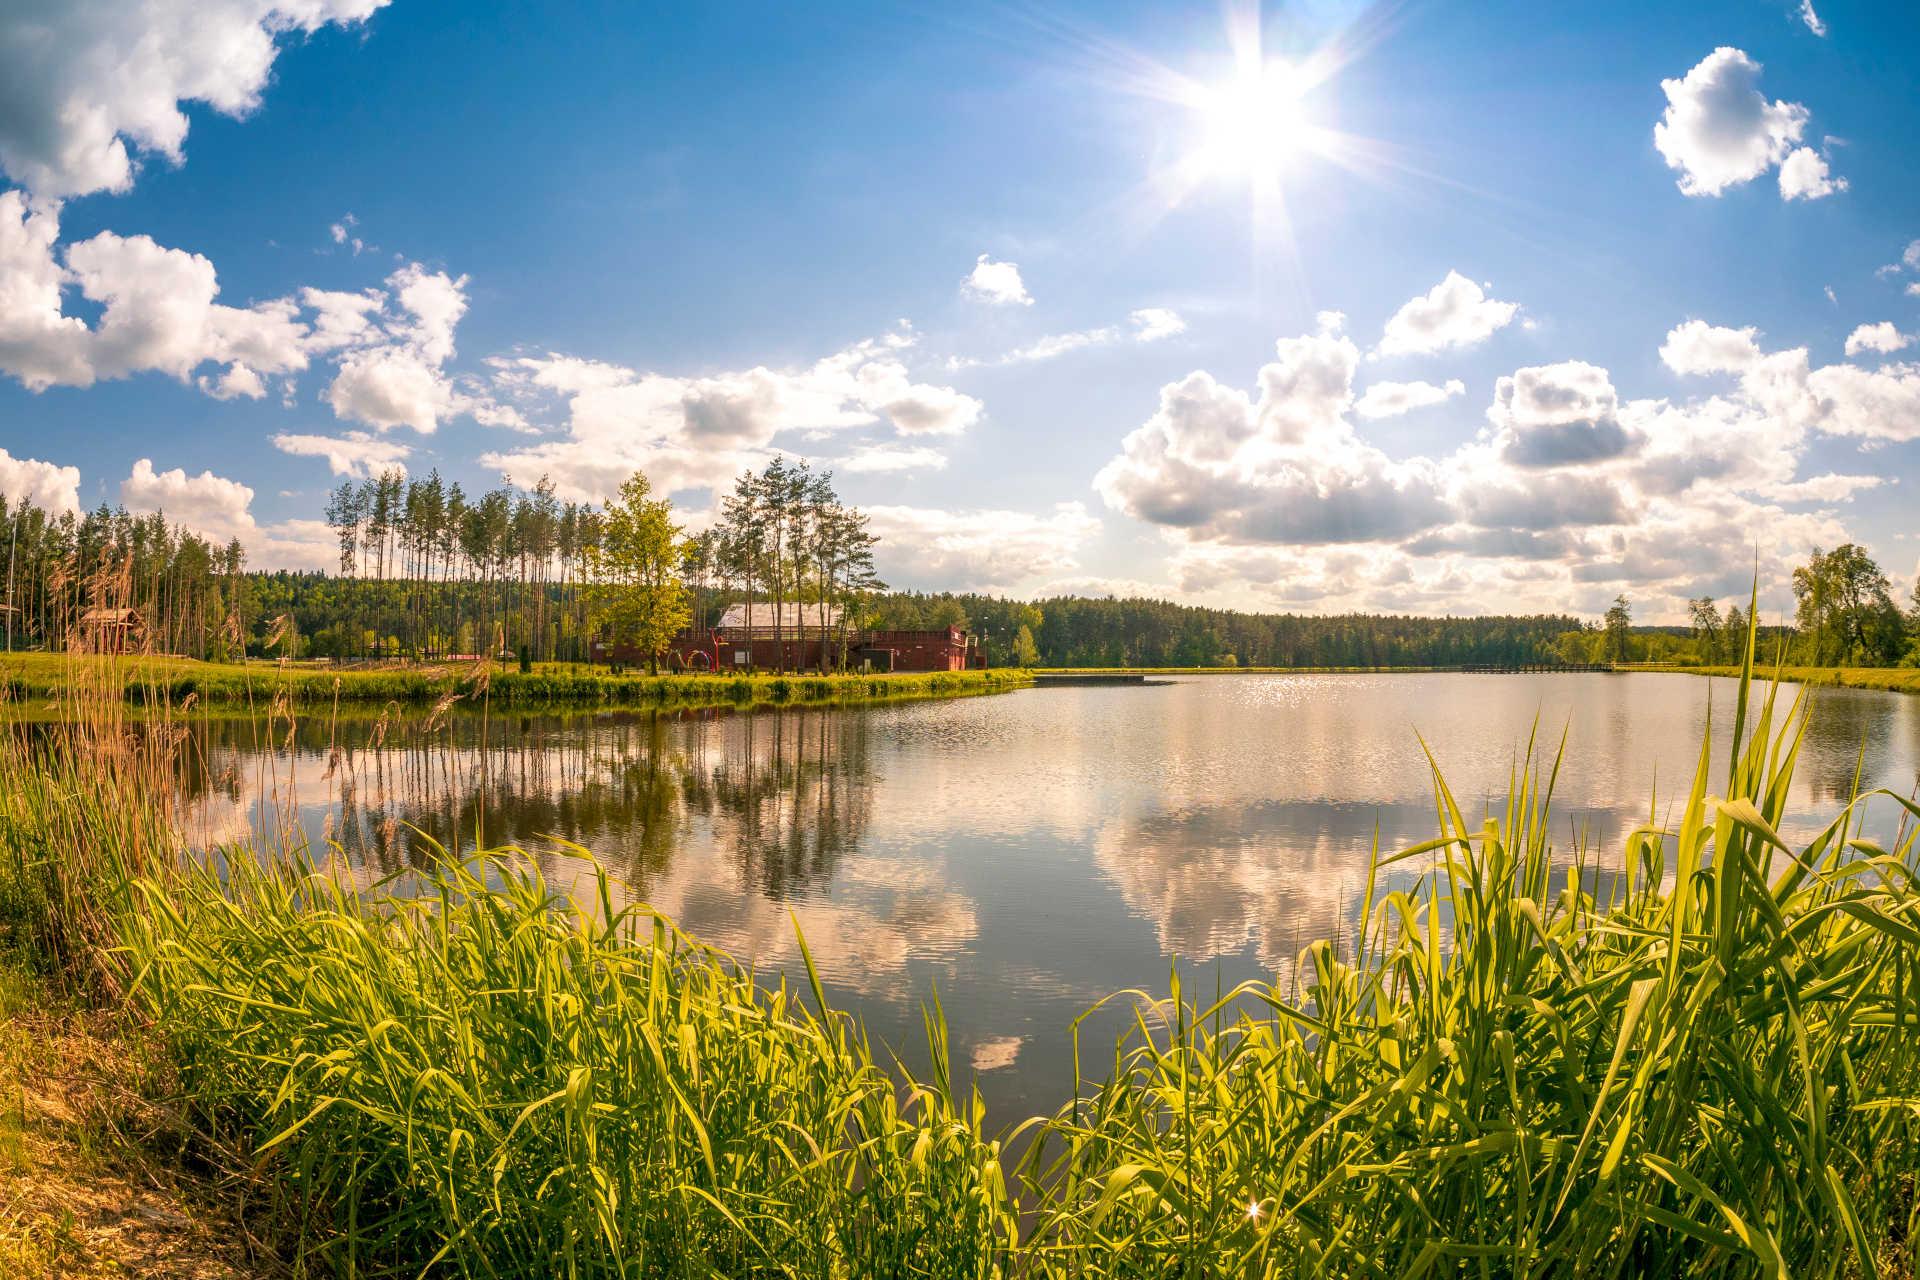 Obrazek przedstawia zdjęcie zalewu w gminie Krasnobród.